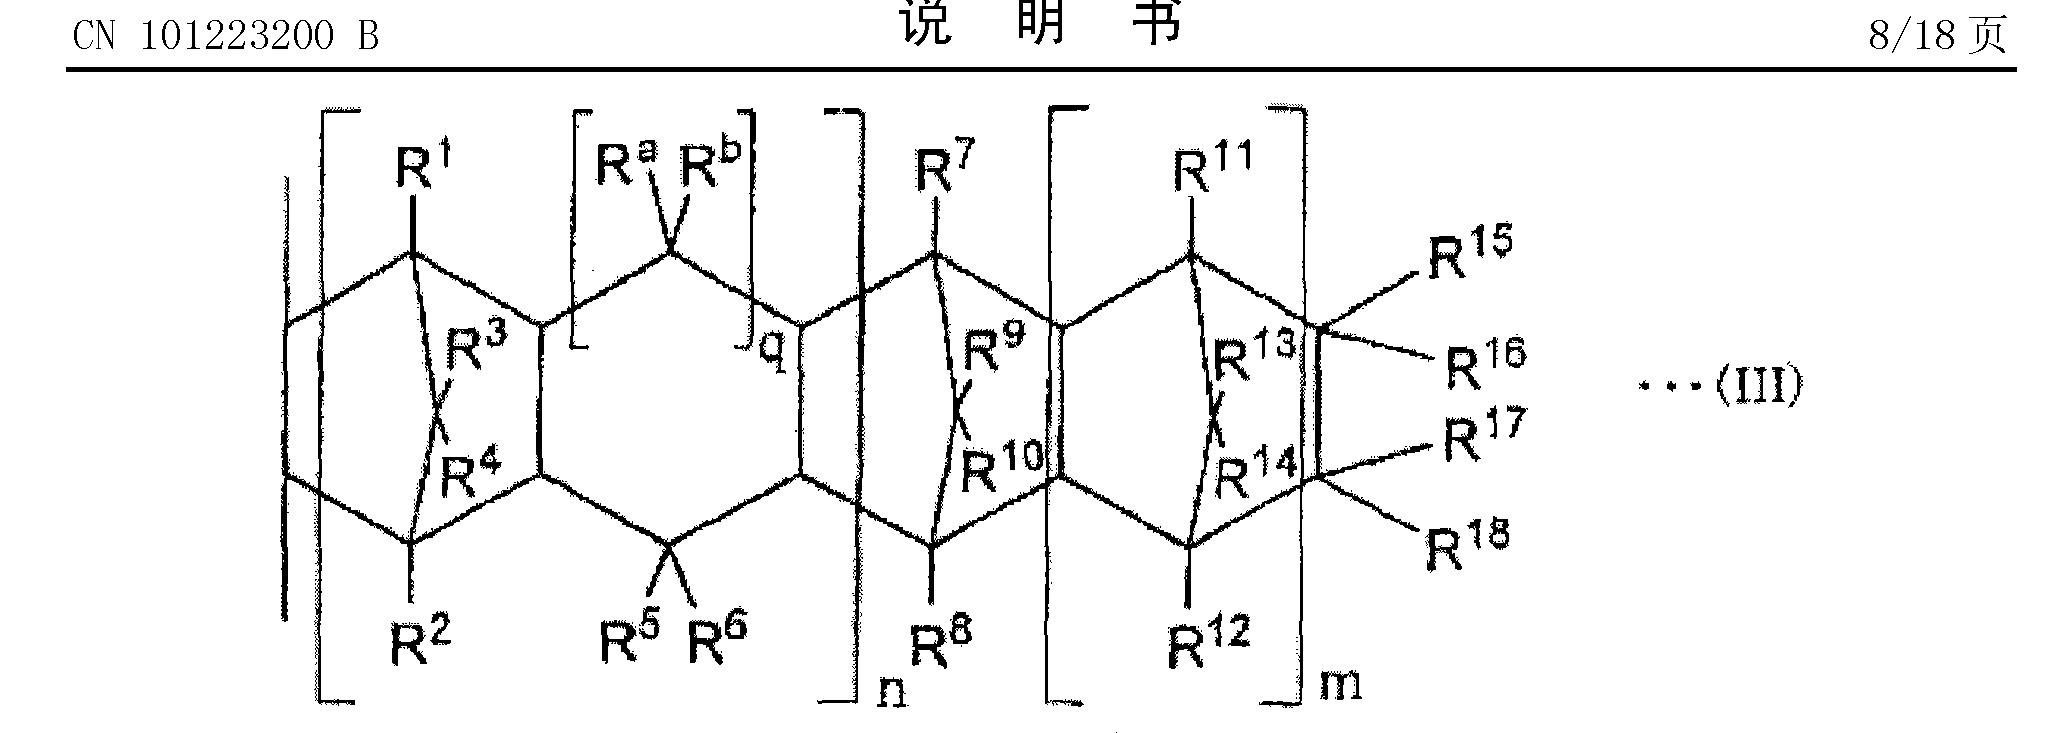 Figure CN101223200BD00121